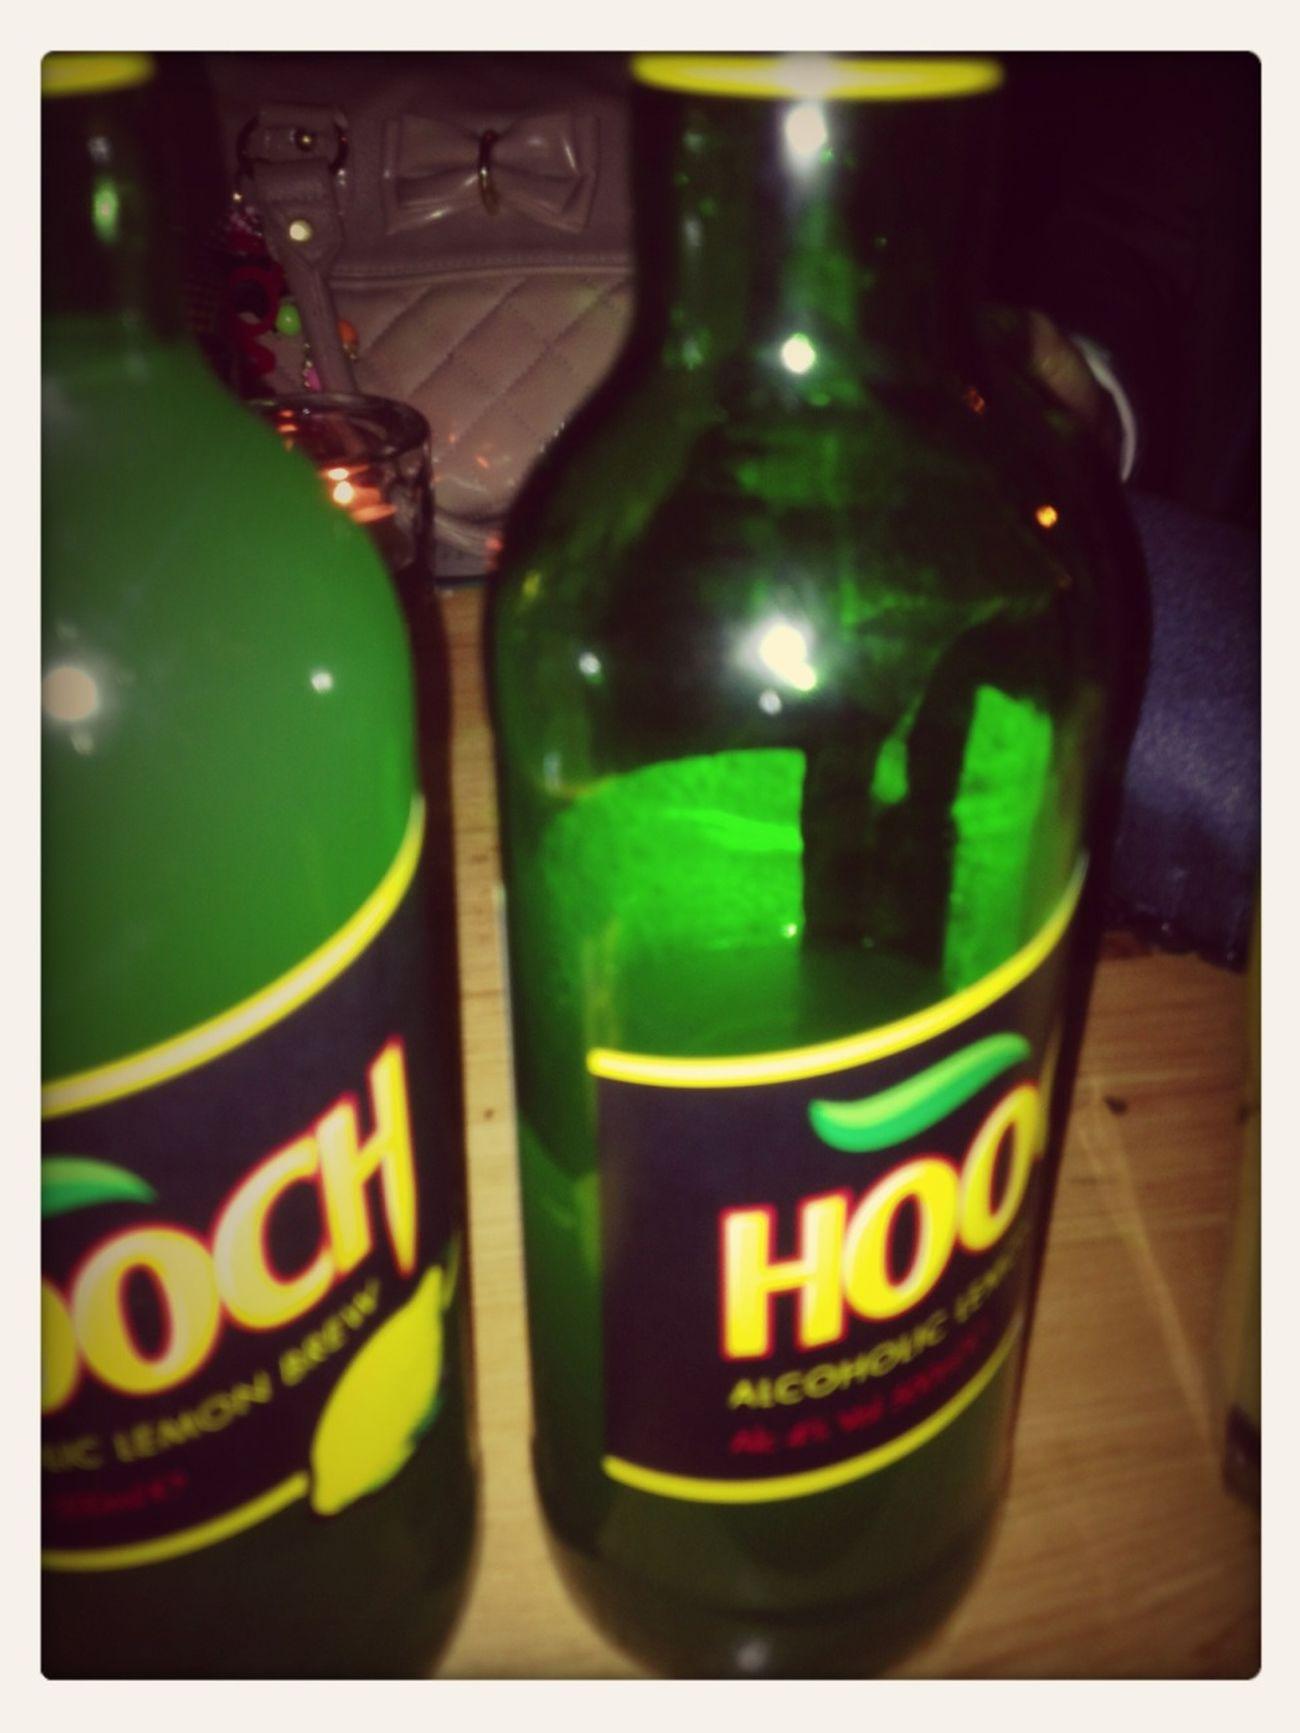 Hooch